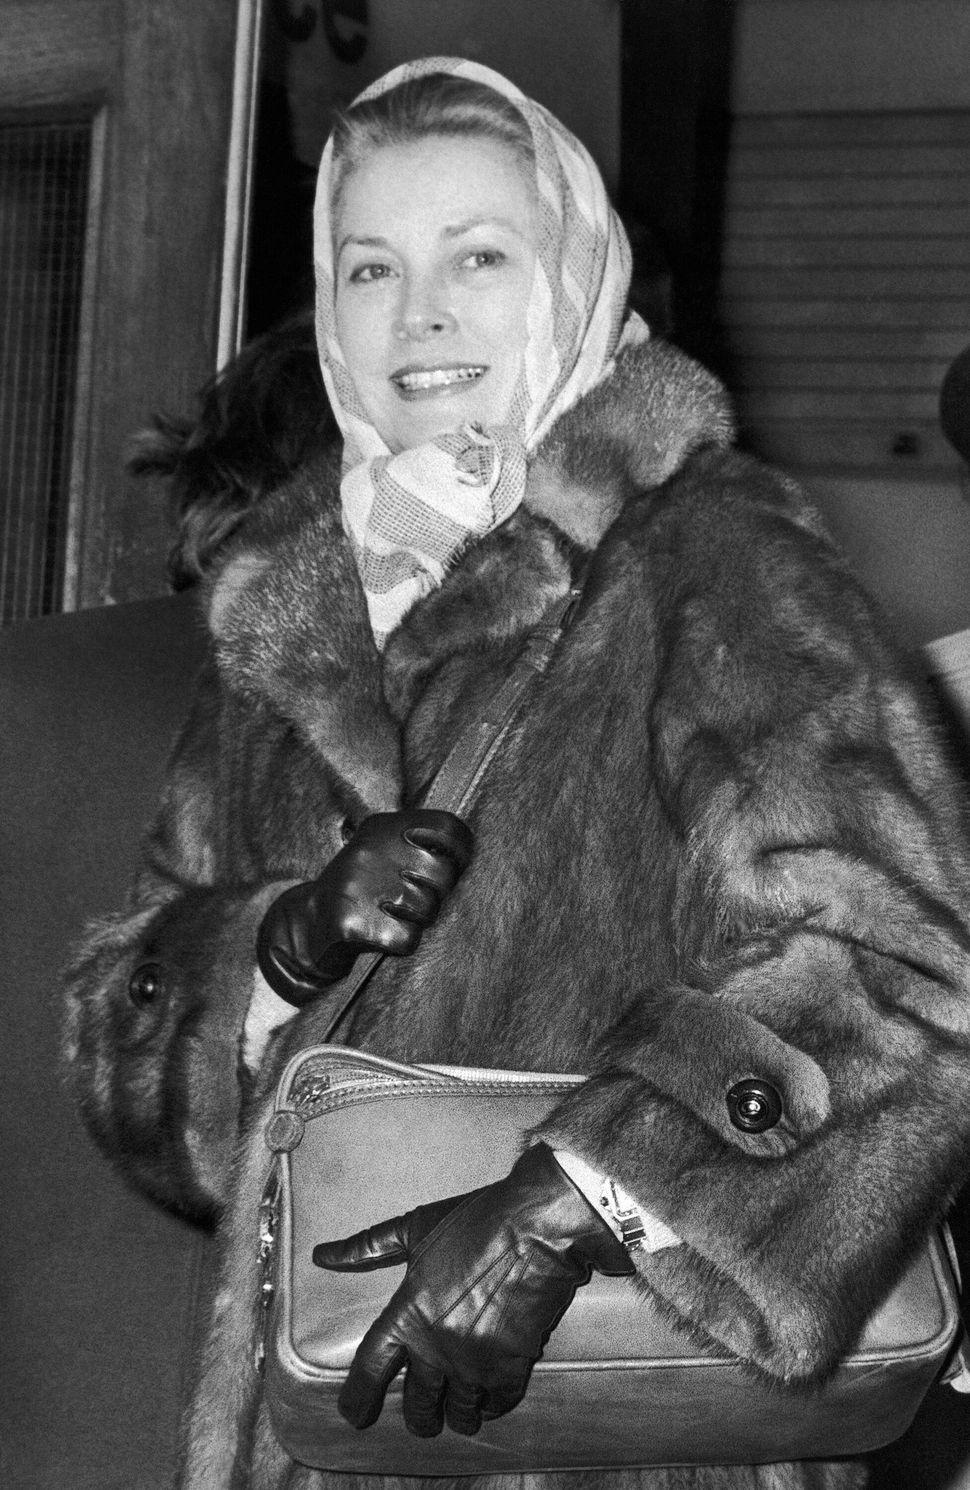 Η πριγκίπισσα Γκρέις του Μονακό στο αεροδρόμιο Χίθροου στο Λονδίνο, στις 8 Μαρτίου του 1981, όταν έφτασε από την Νίκαια για φιλανθρωπική συναυλία